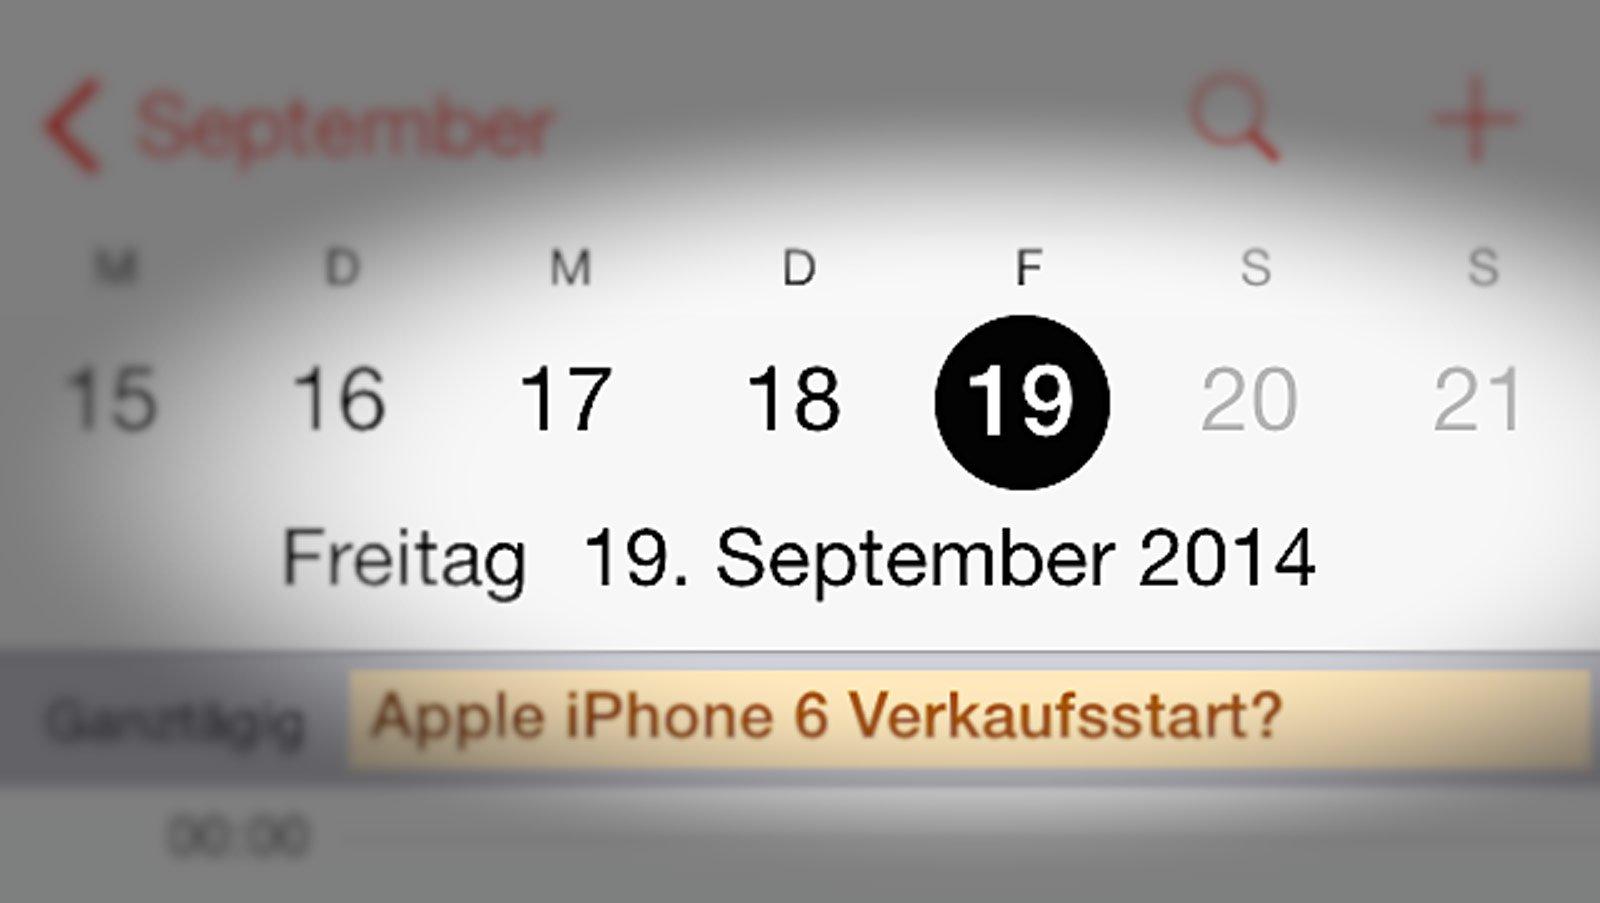 Telekom: iPhone 6 Verkaufsstart - Termin steht fest? 1